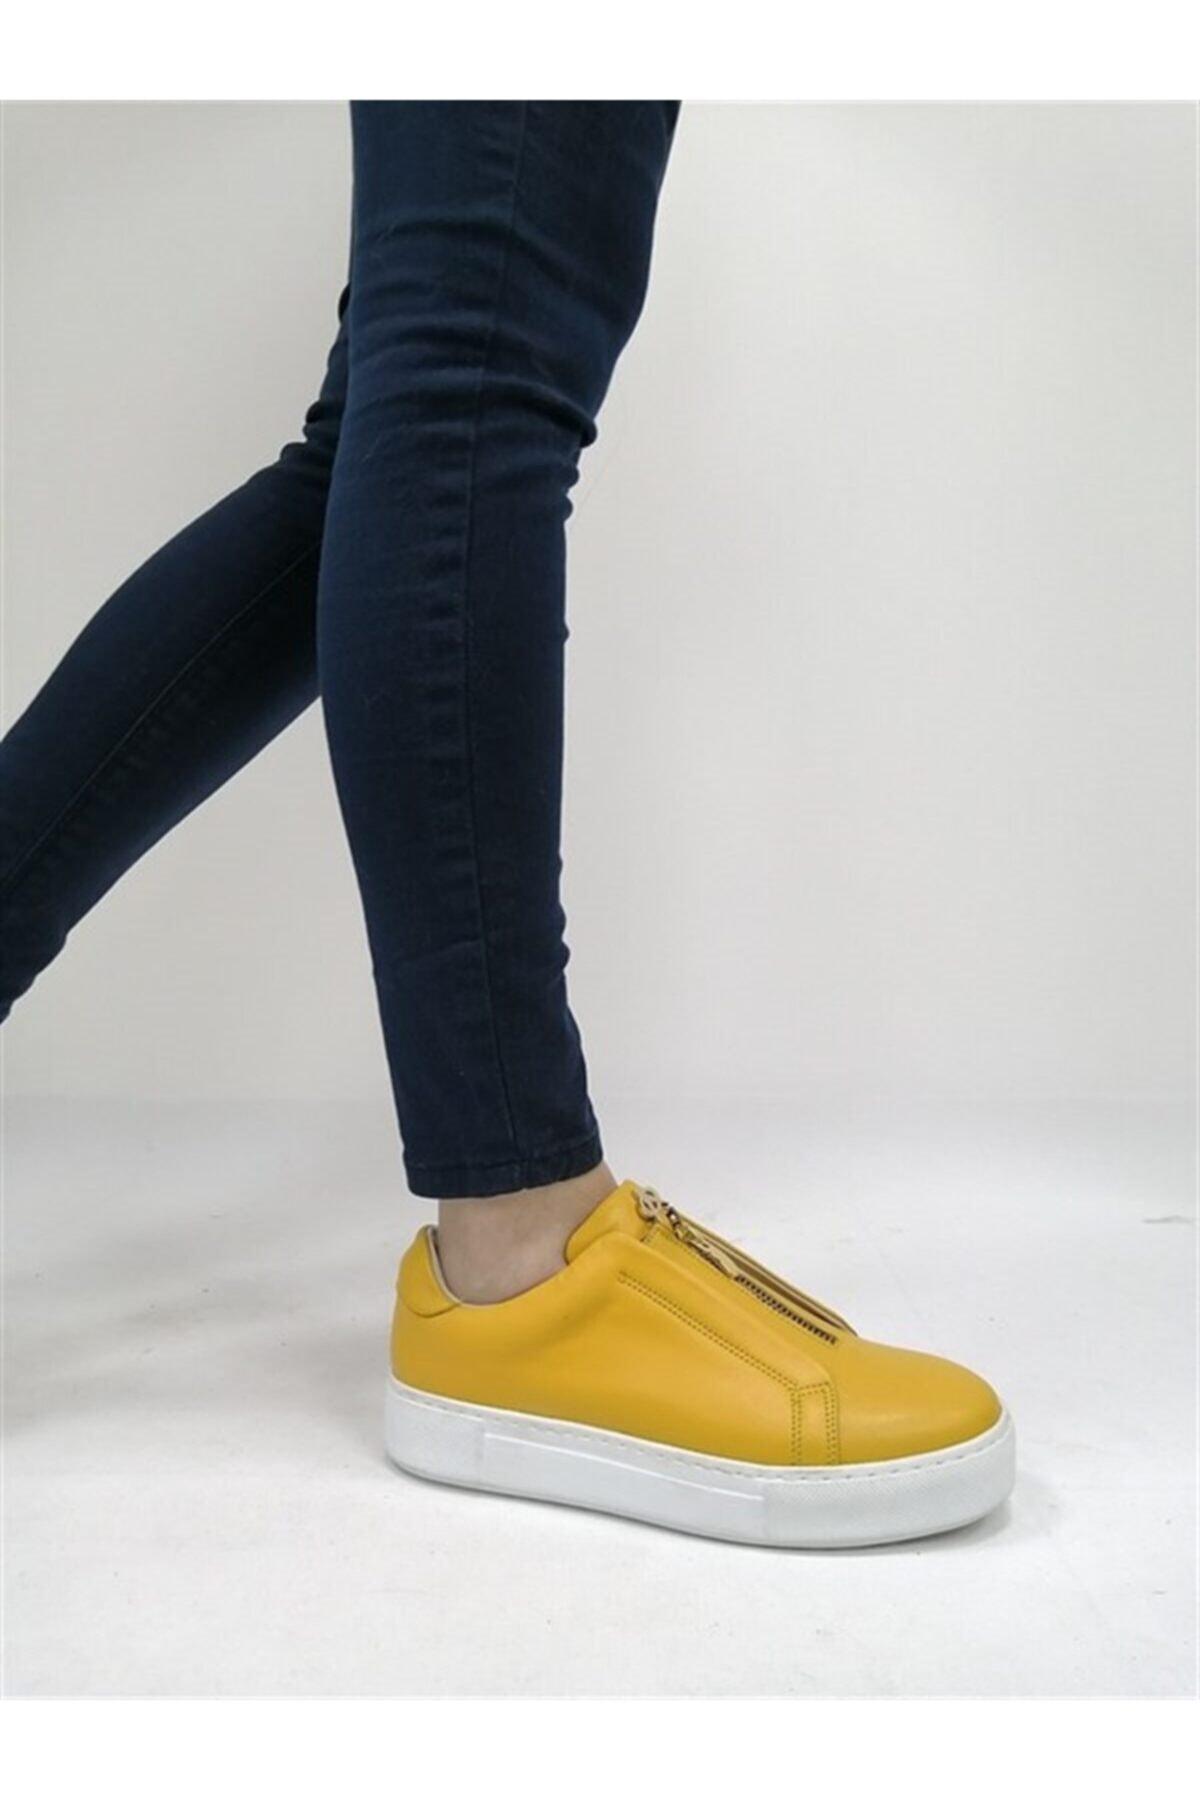 BALLERINS BALLERIN'S Kadın Sarı Hakiki Deri El Yapımı Spor Ayakkabı Blrs-259